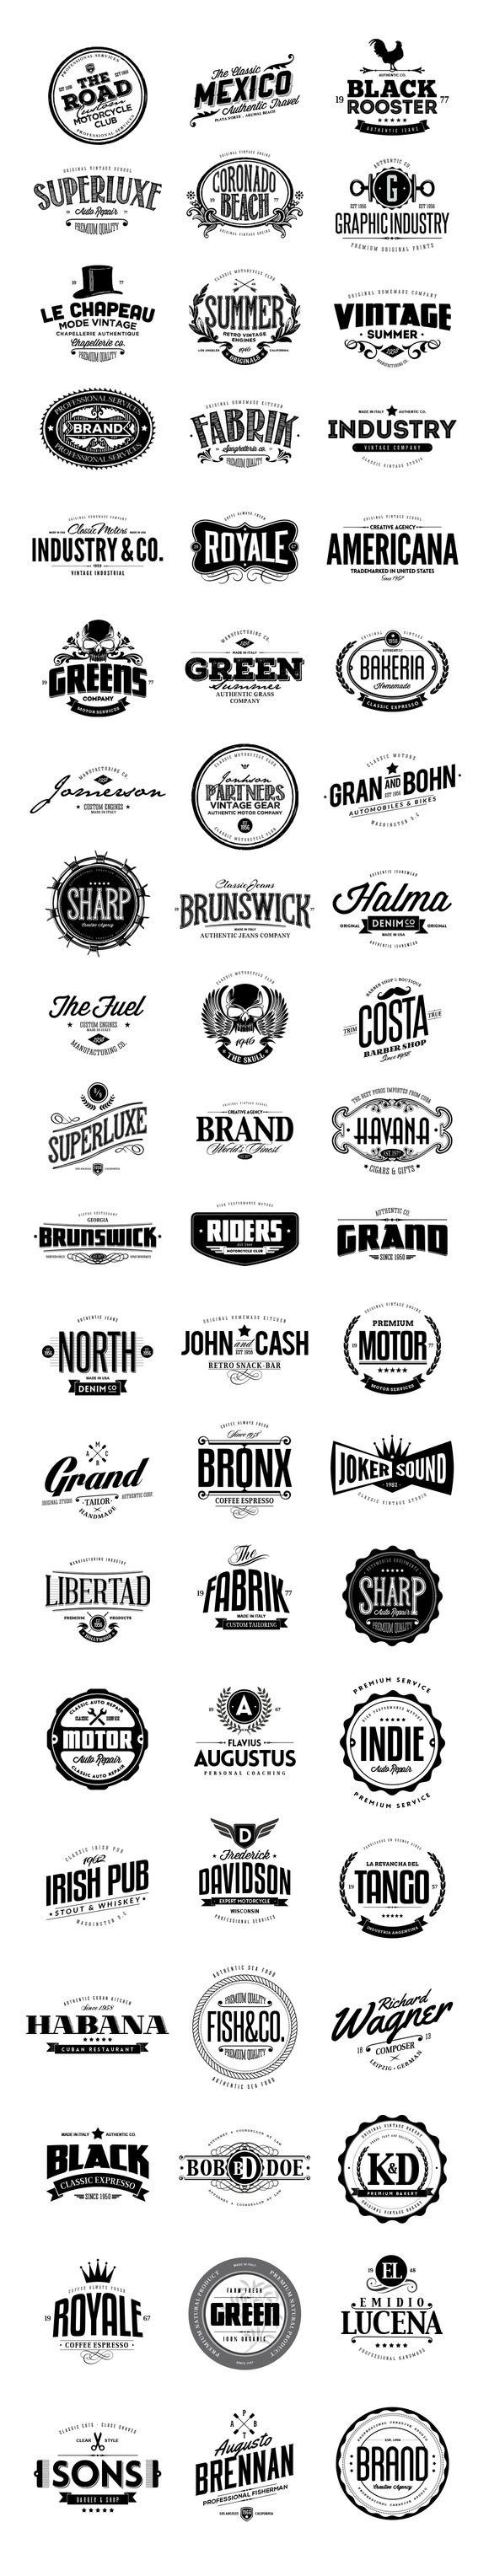 60 Badges & Logos Collection ~ Logo Templates on Creative Market